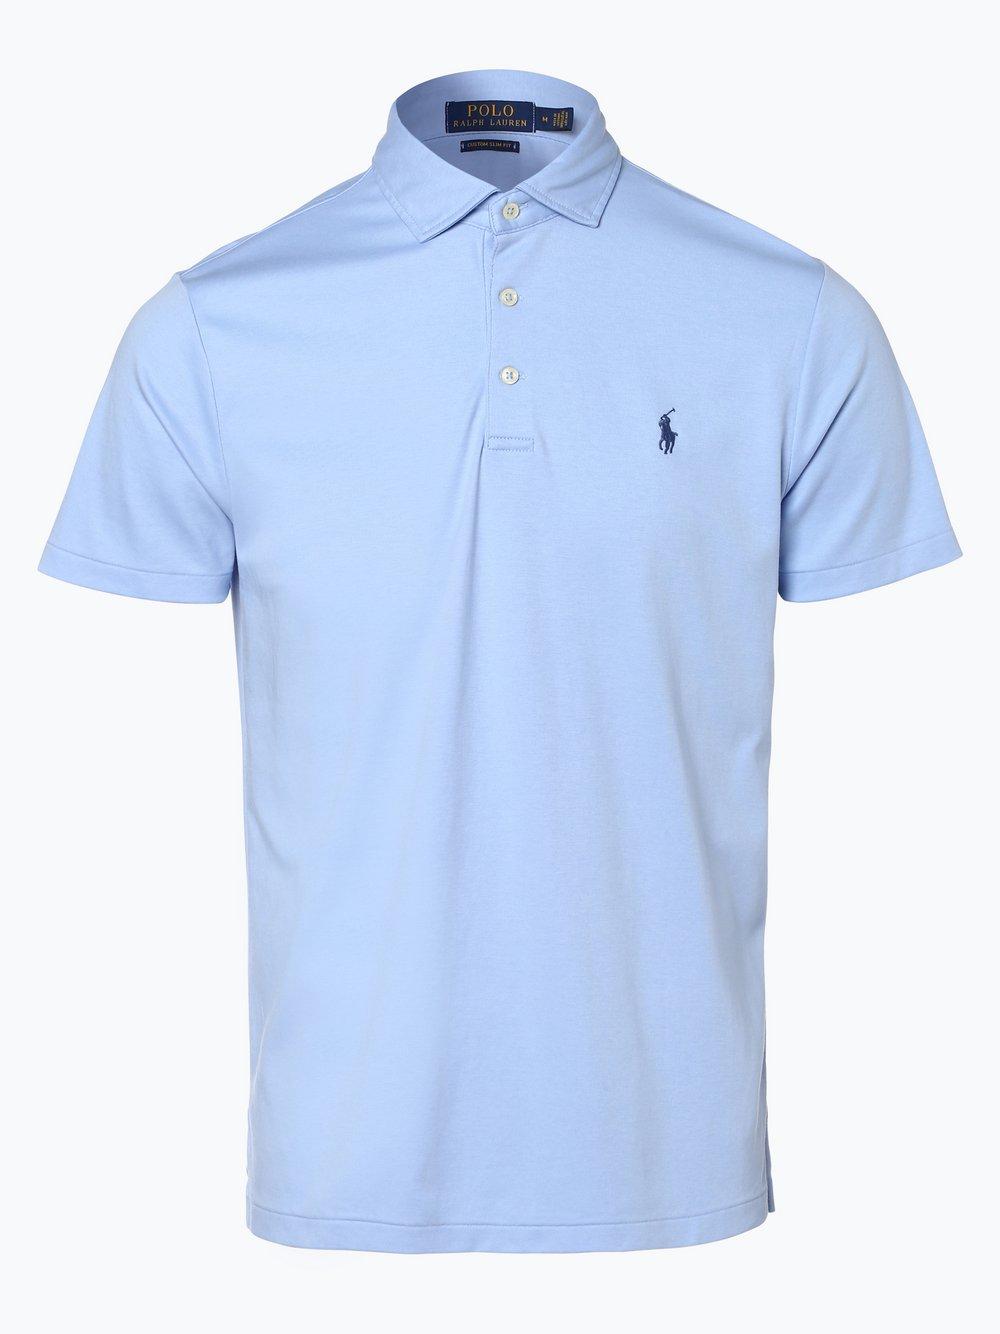 42fba3aa3061 Polo Ralph Lauren Herren Poloshirt Regular Fit hellblau uni online ...